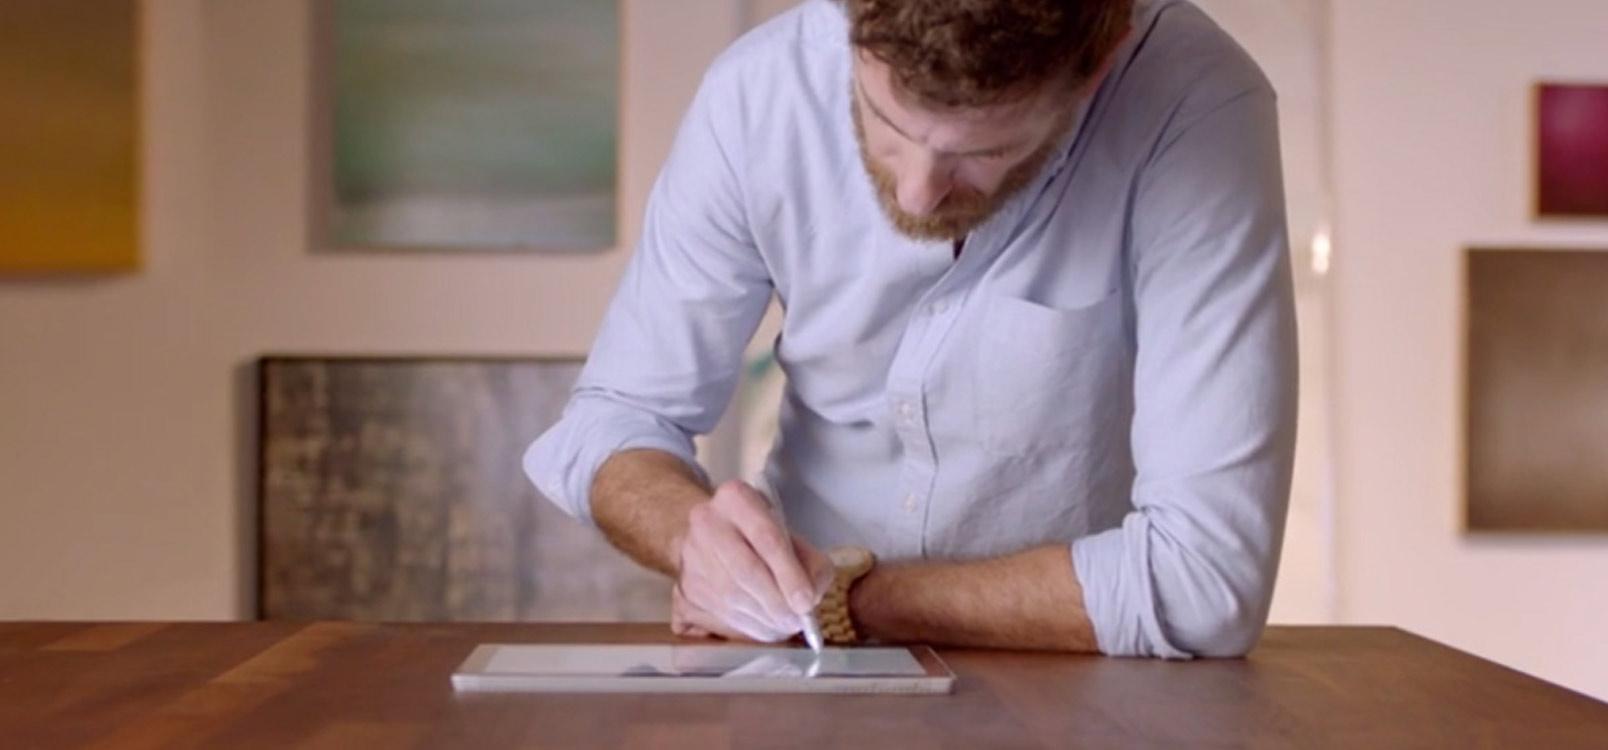 Два человека смотрят на экран телефона: сведения о совместной работе с другими пользователями в Office